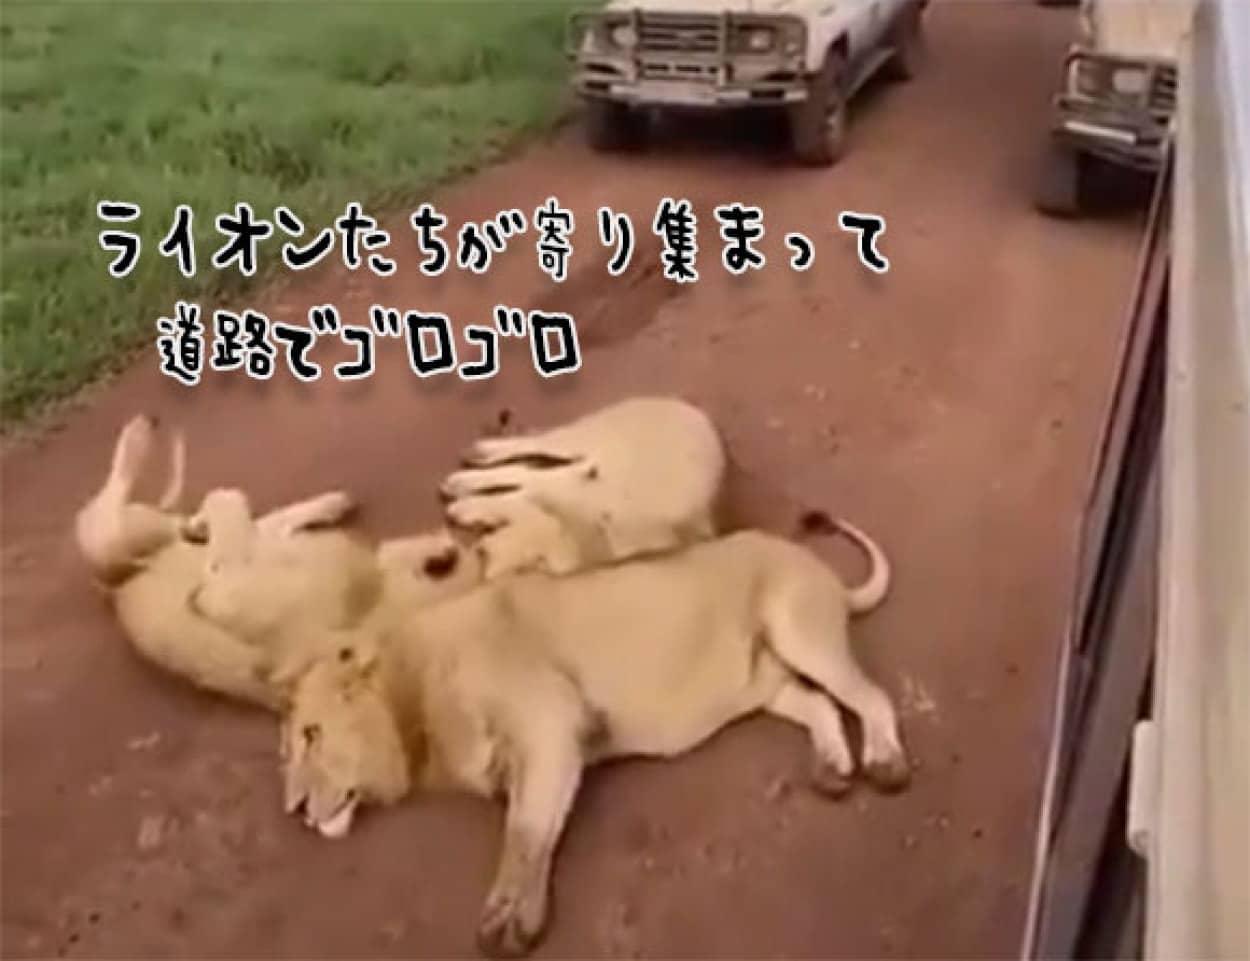 3頭のライオン団子